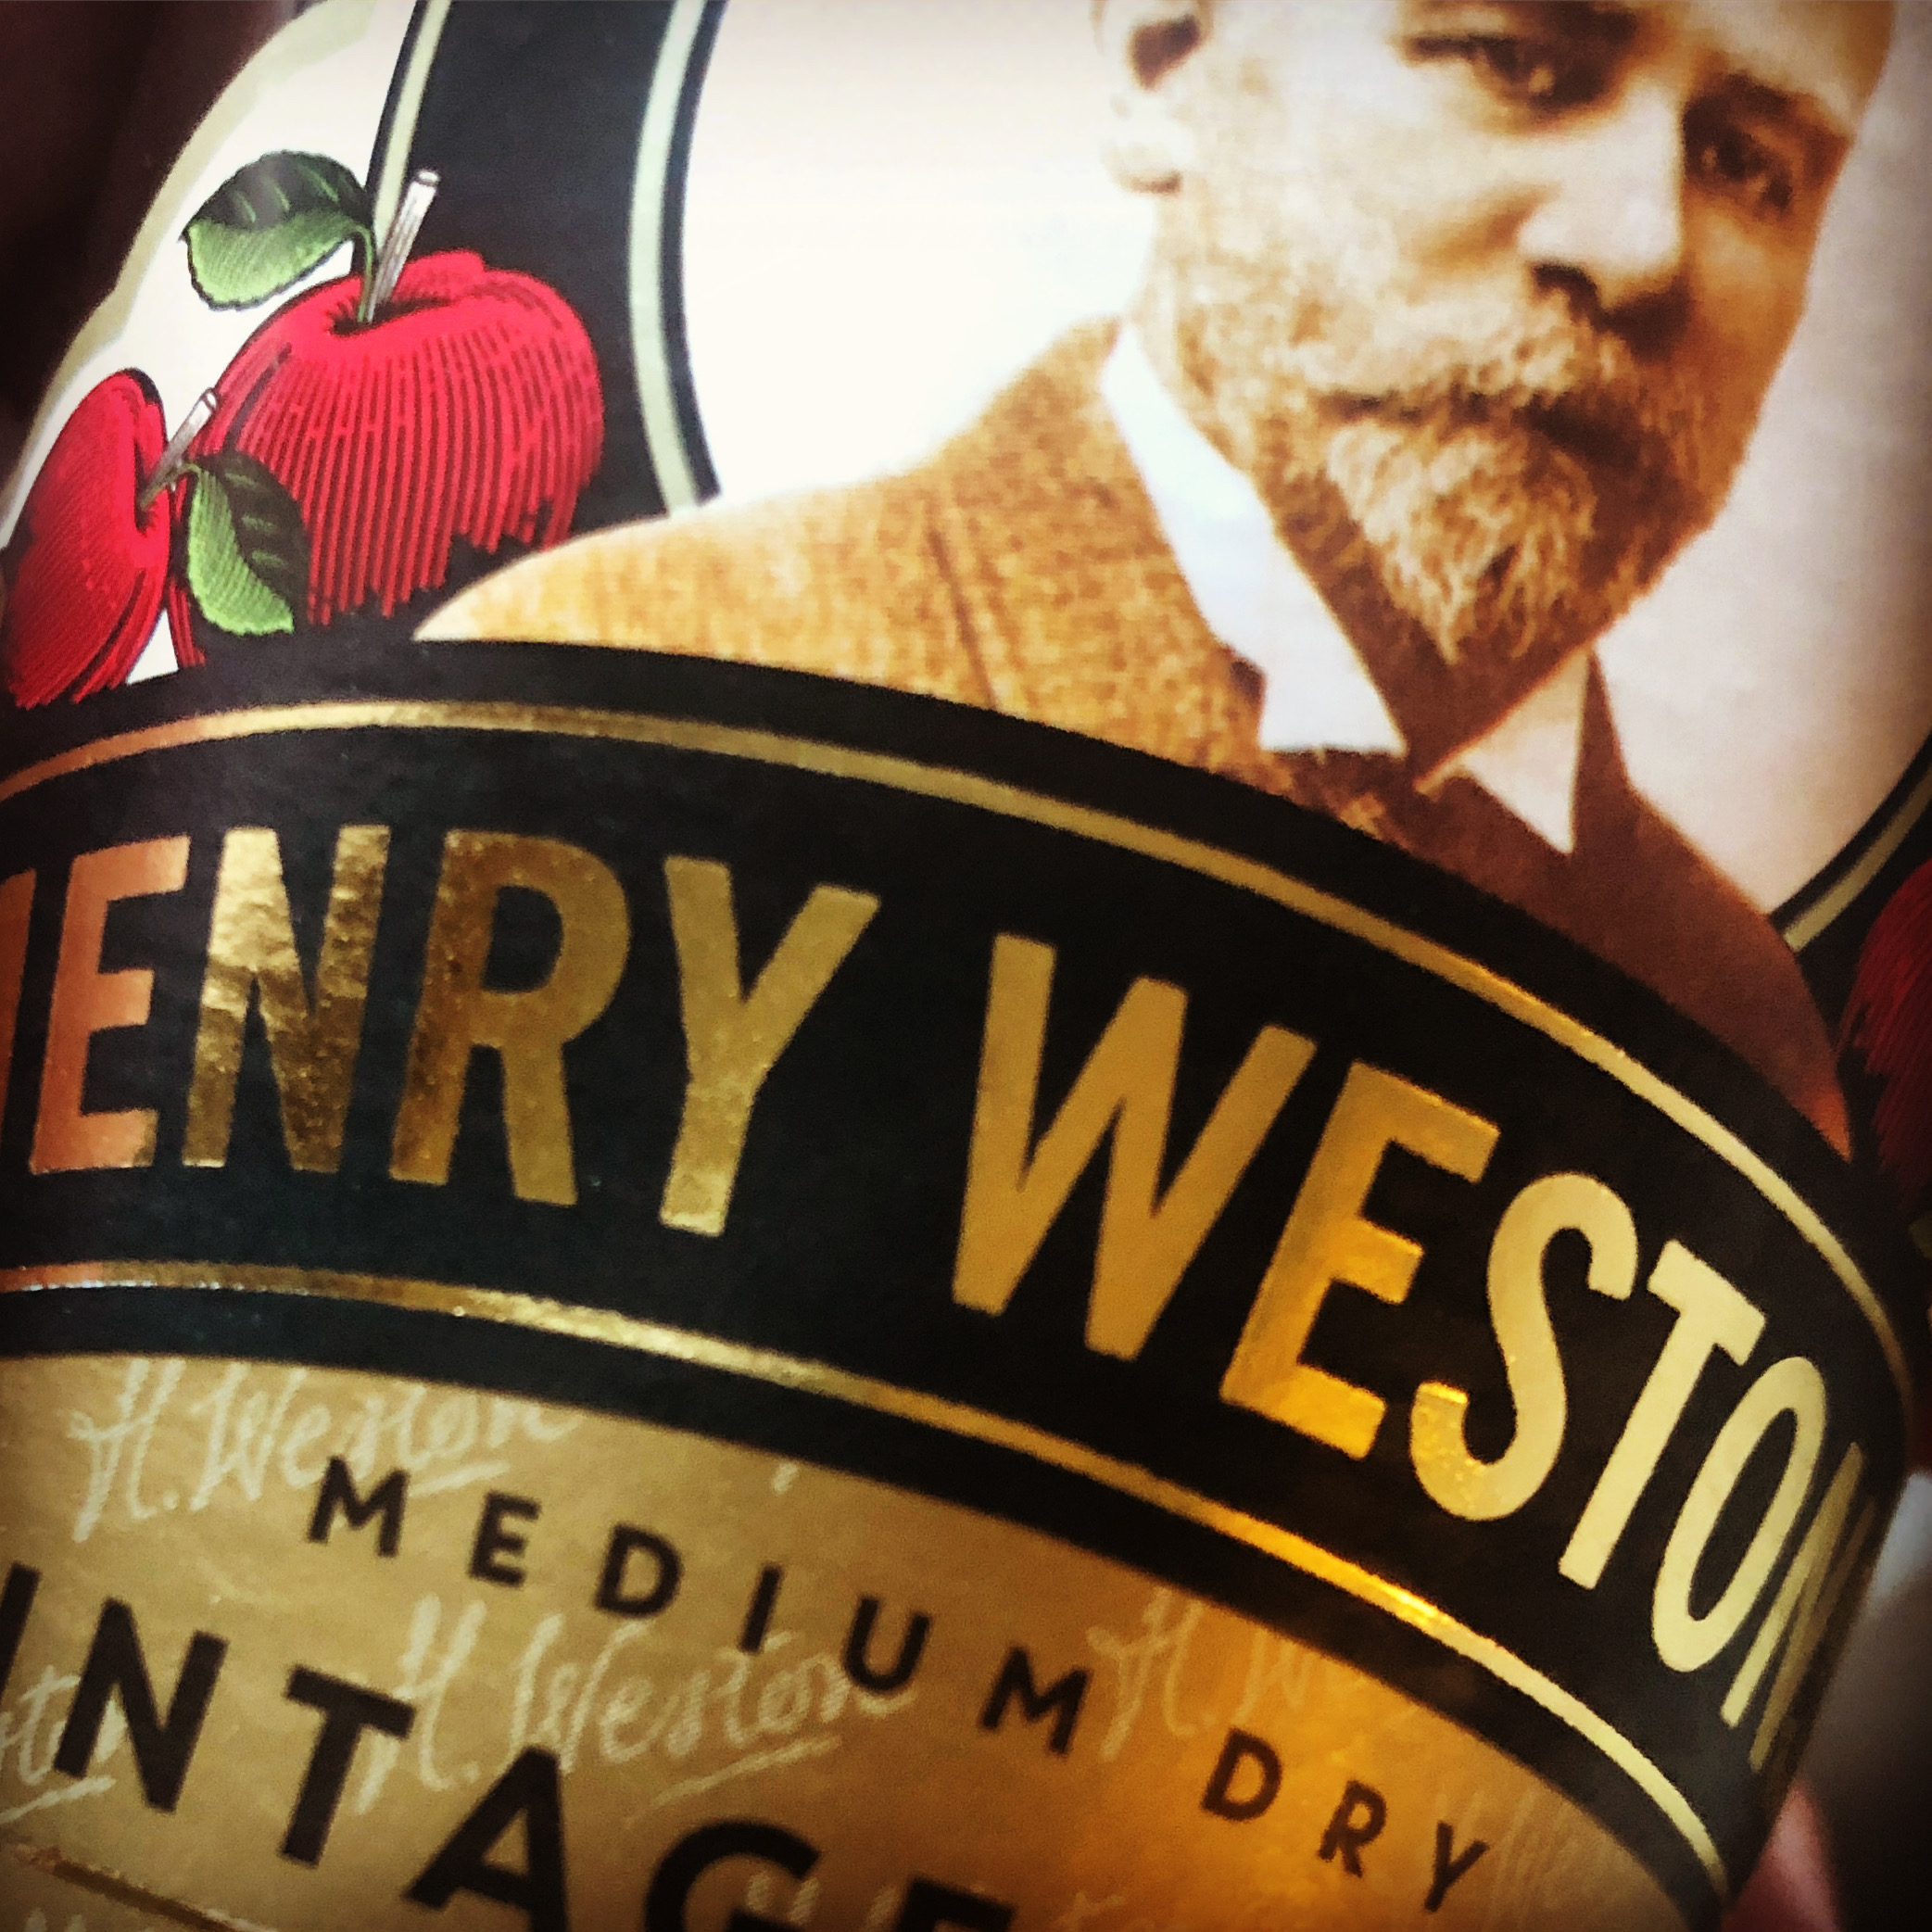 Henry Weston Vintage Cider